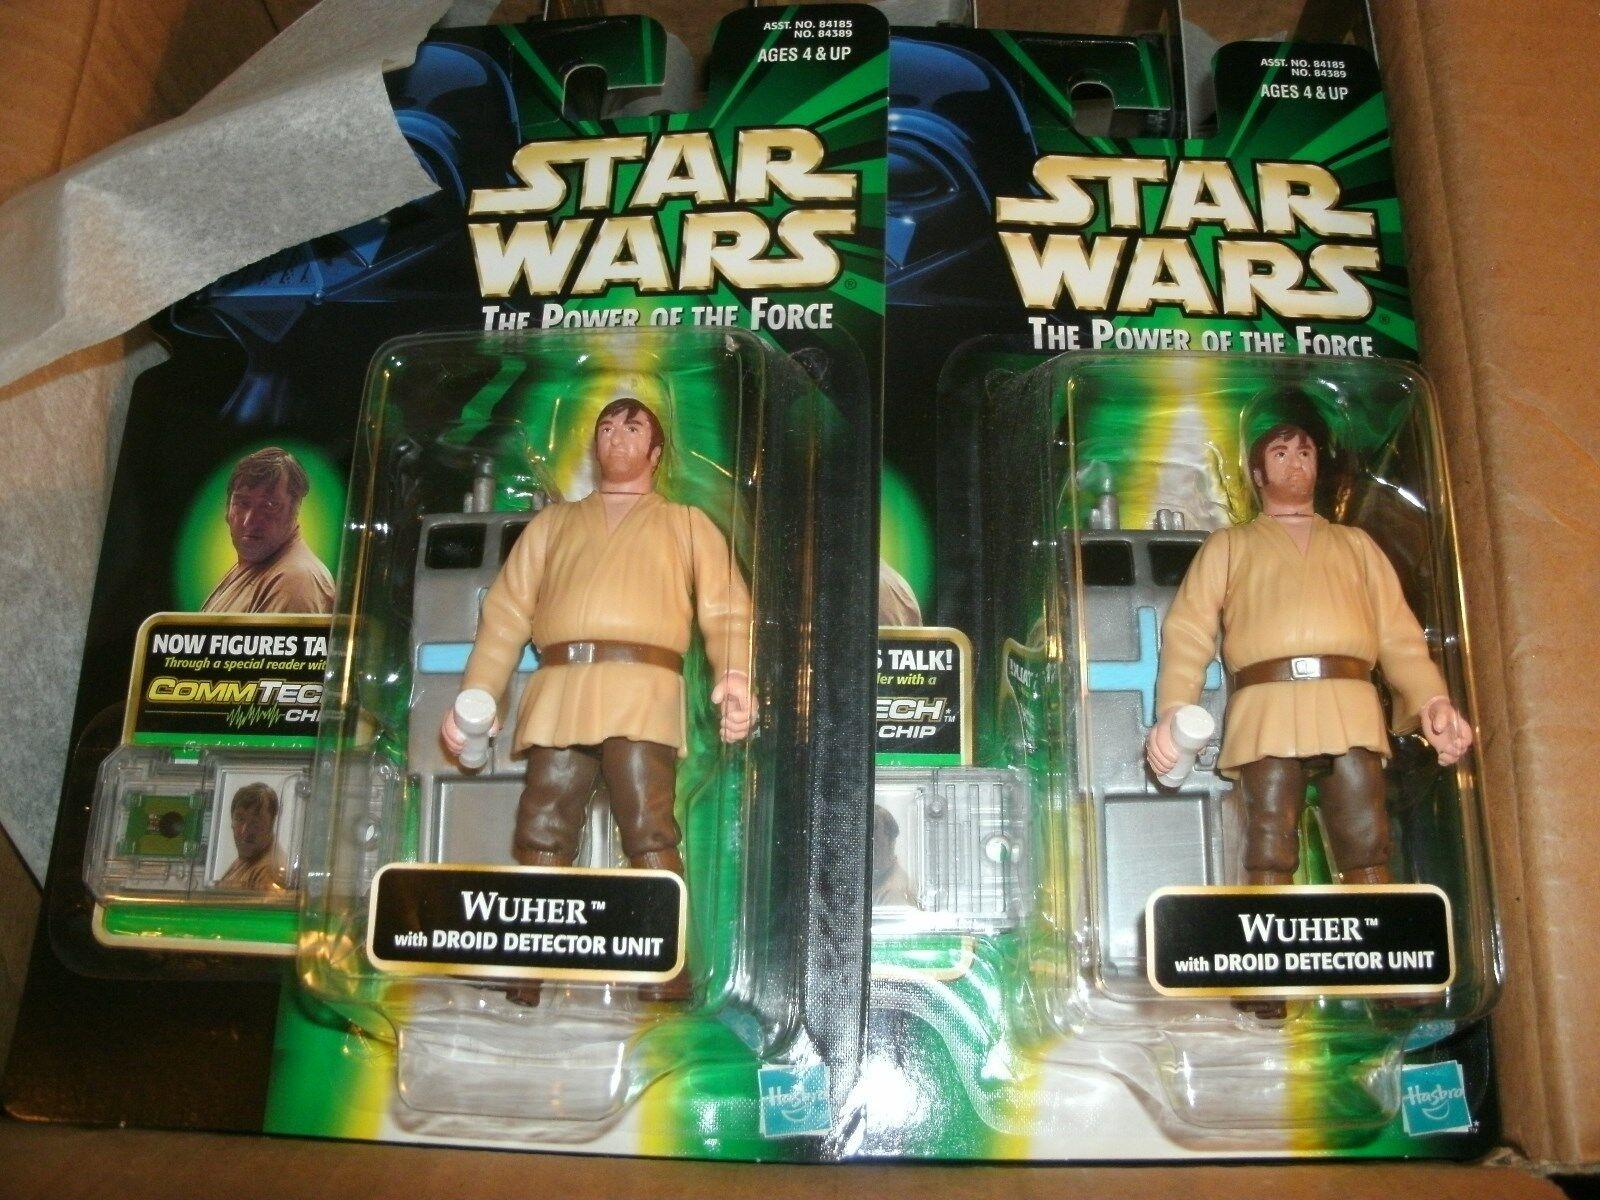 HASBRO STAR WARS POTF WUHER fan club figure moc 2 cases factory sealed..